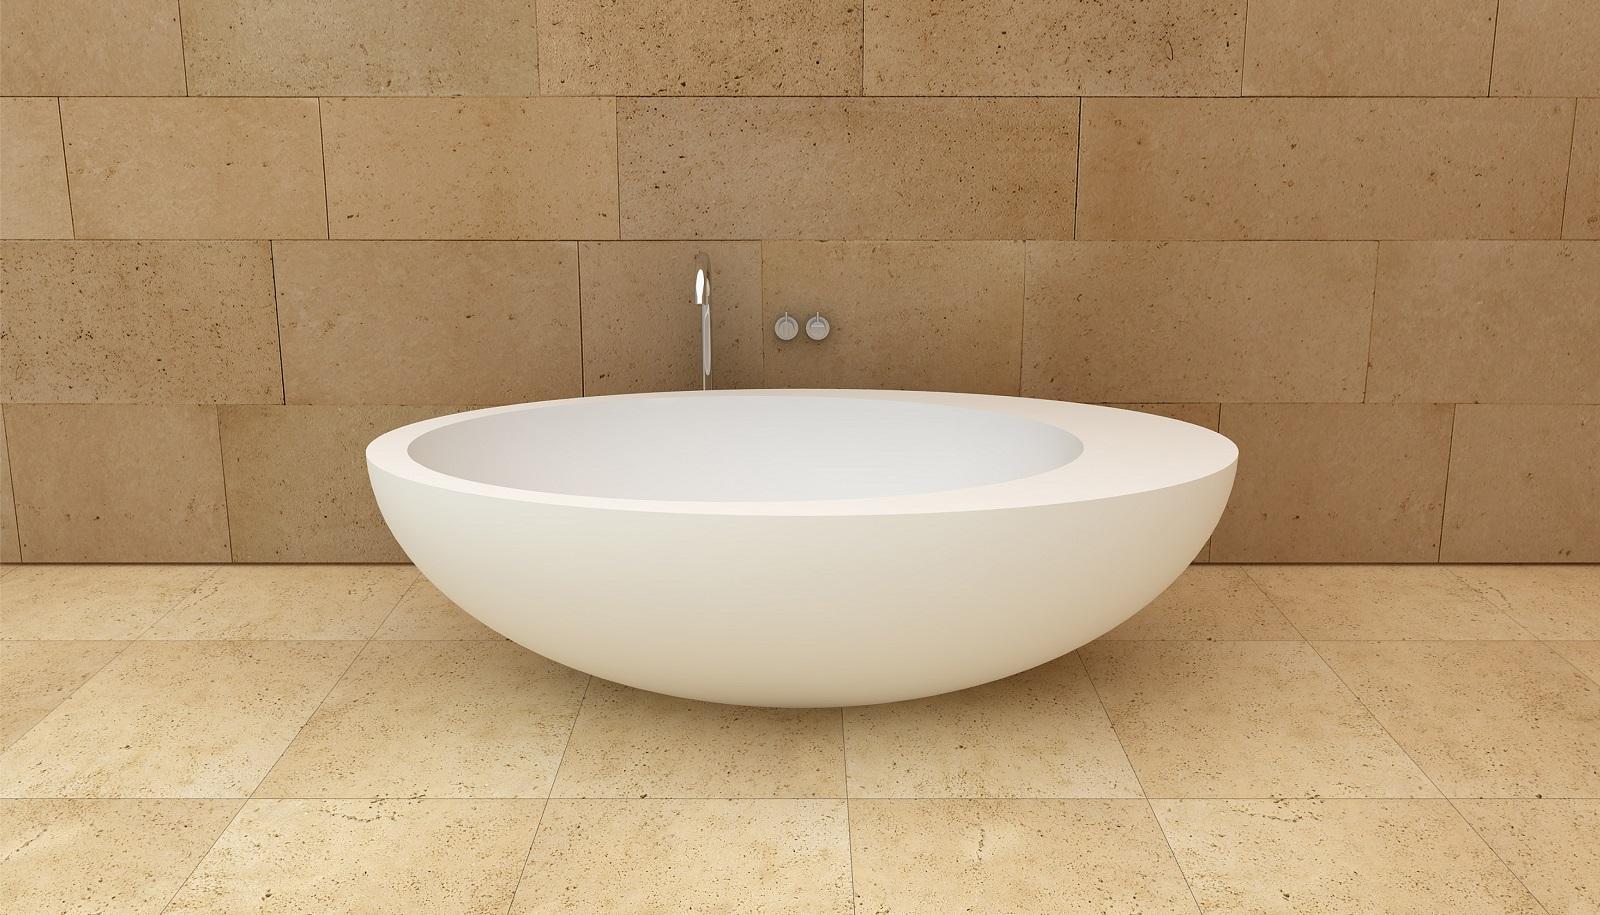 Vasca Da Bagno Con Zampe Di Leone : Decorazione testa di leone di pietra artiglio piedi vasca da bagno